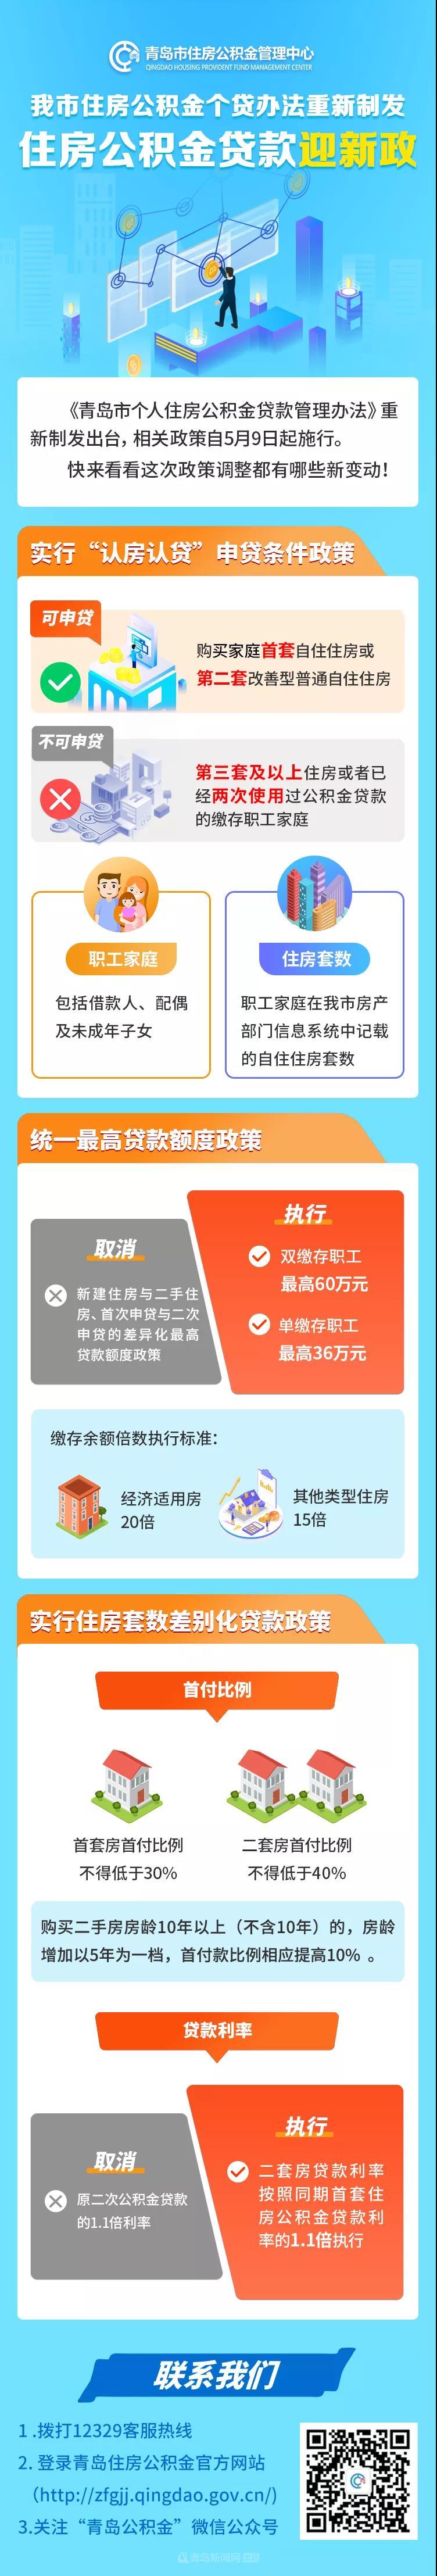 青岛市公积金�z*_青岛市住房公积金贷款迎新政-青岛新闻网